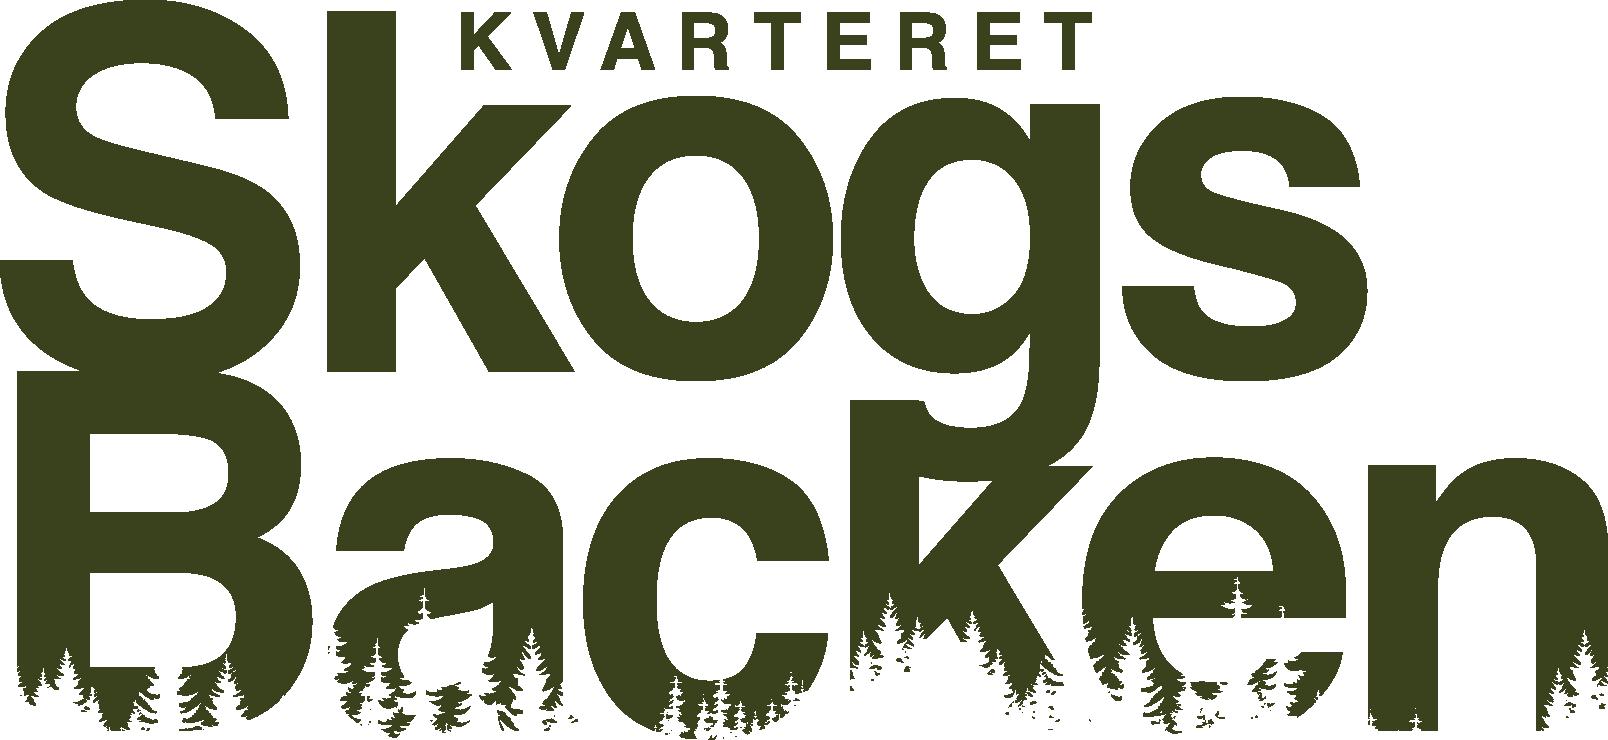 Logotyp för Kvarteret Skogsbacken